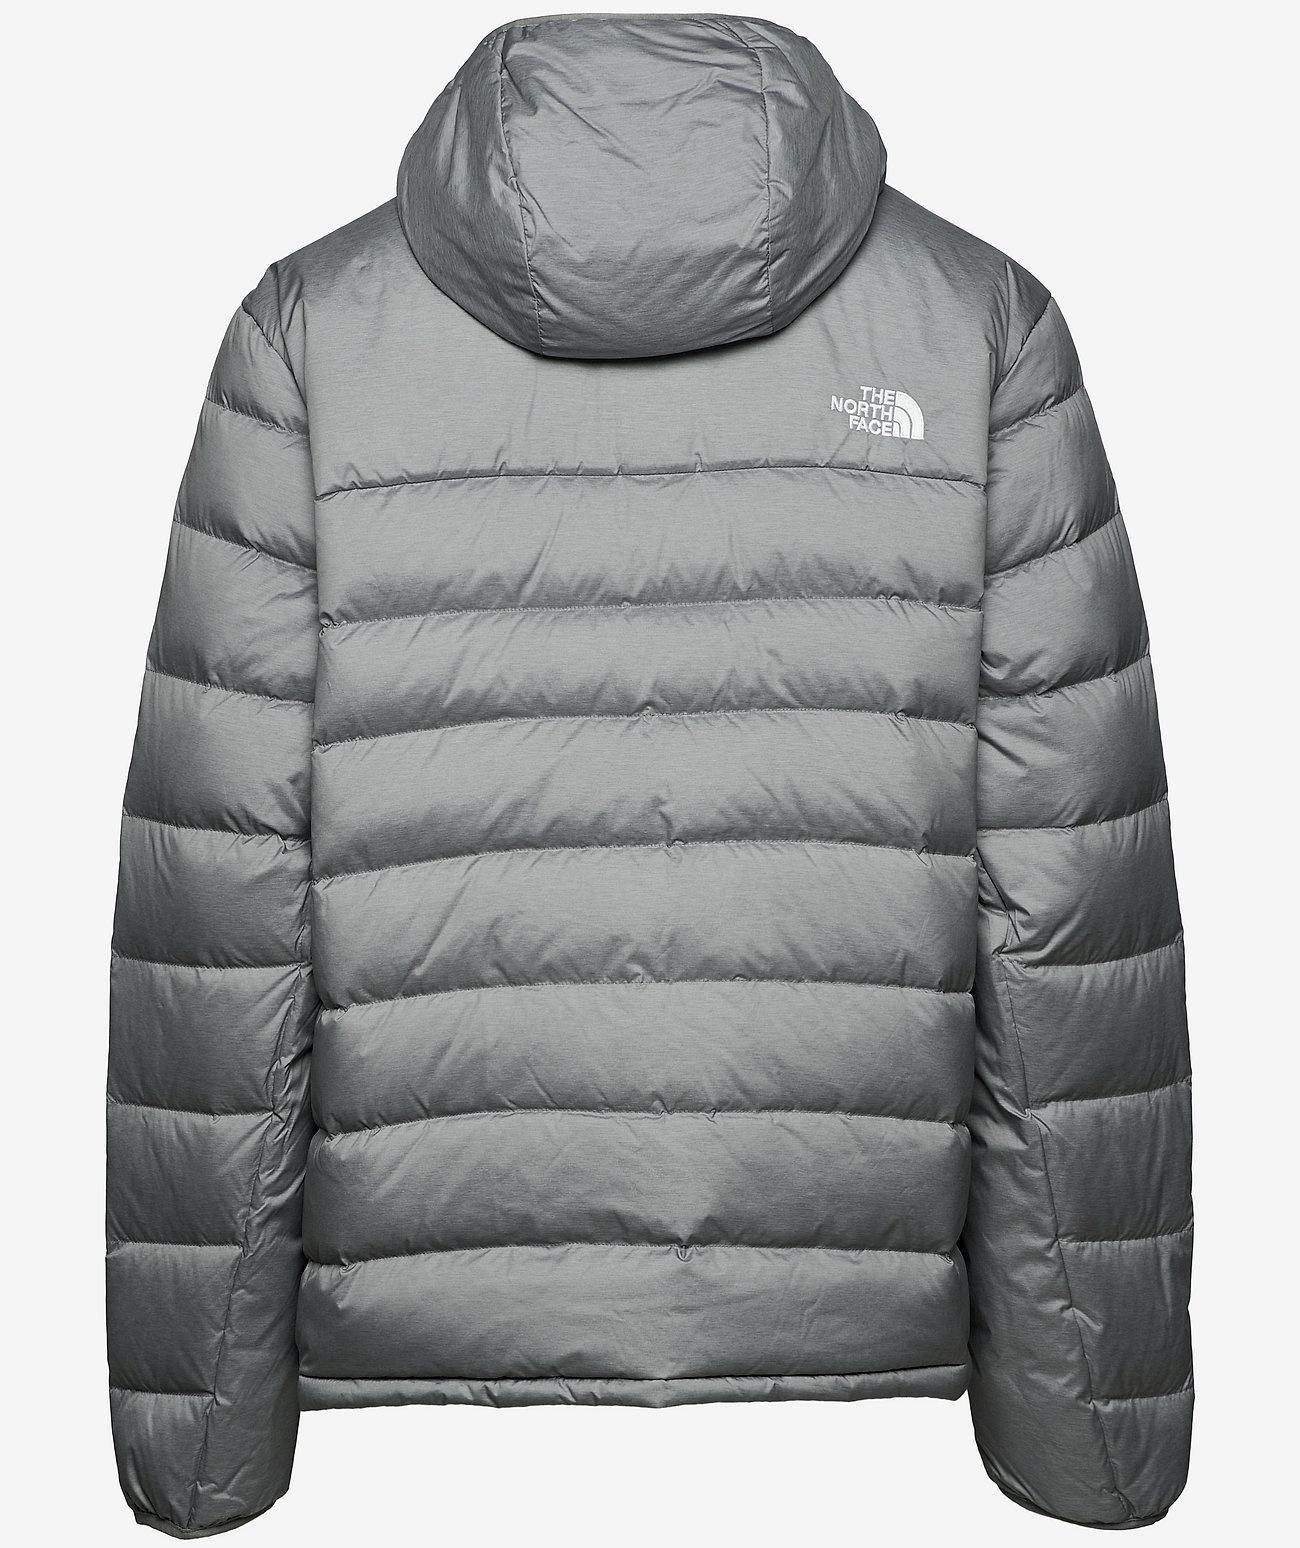 The North Face Heren jas, grijs